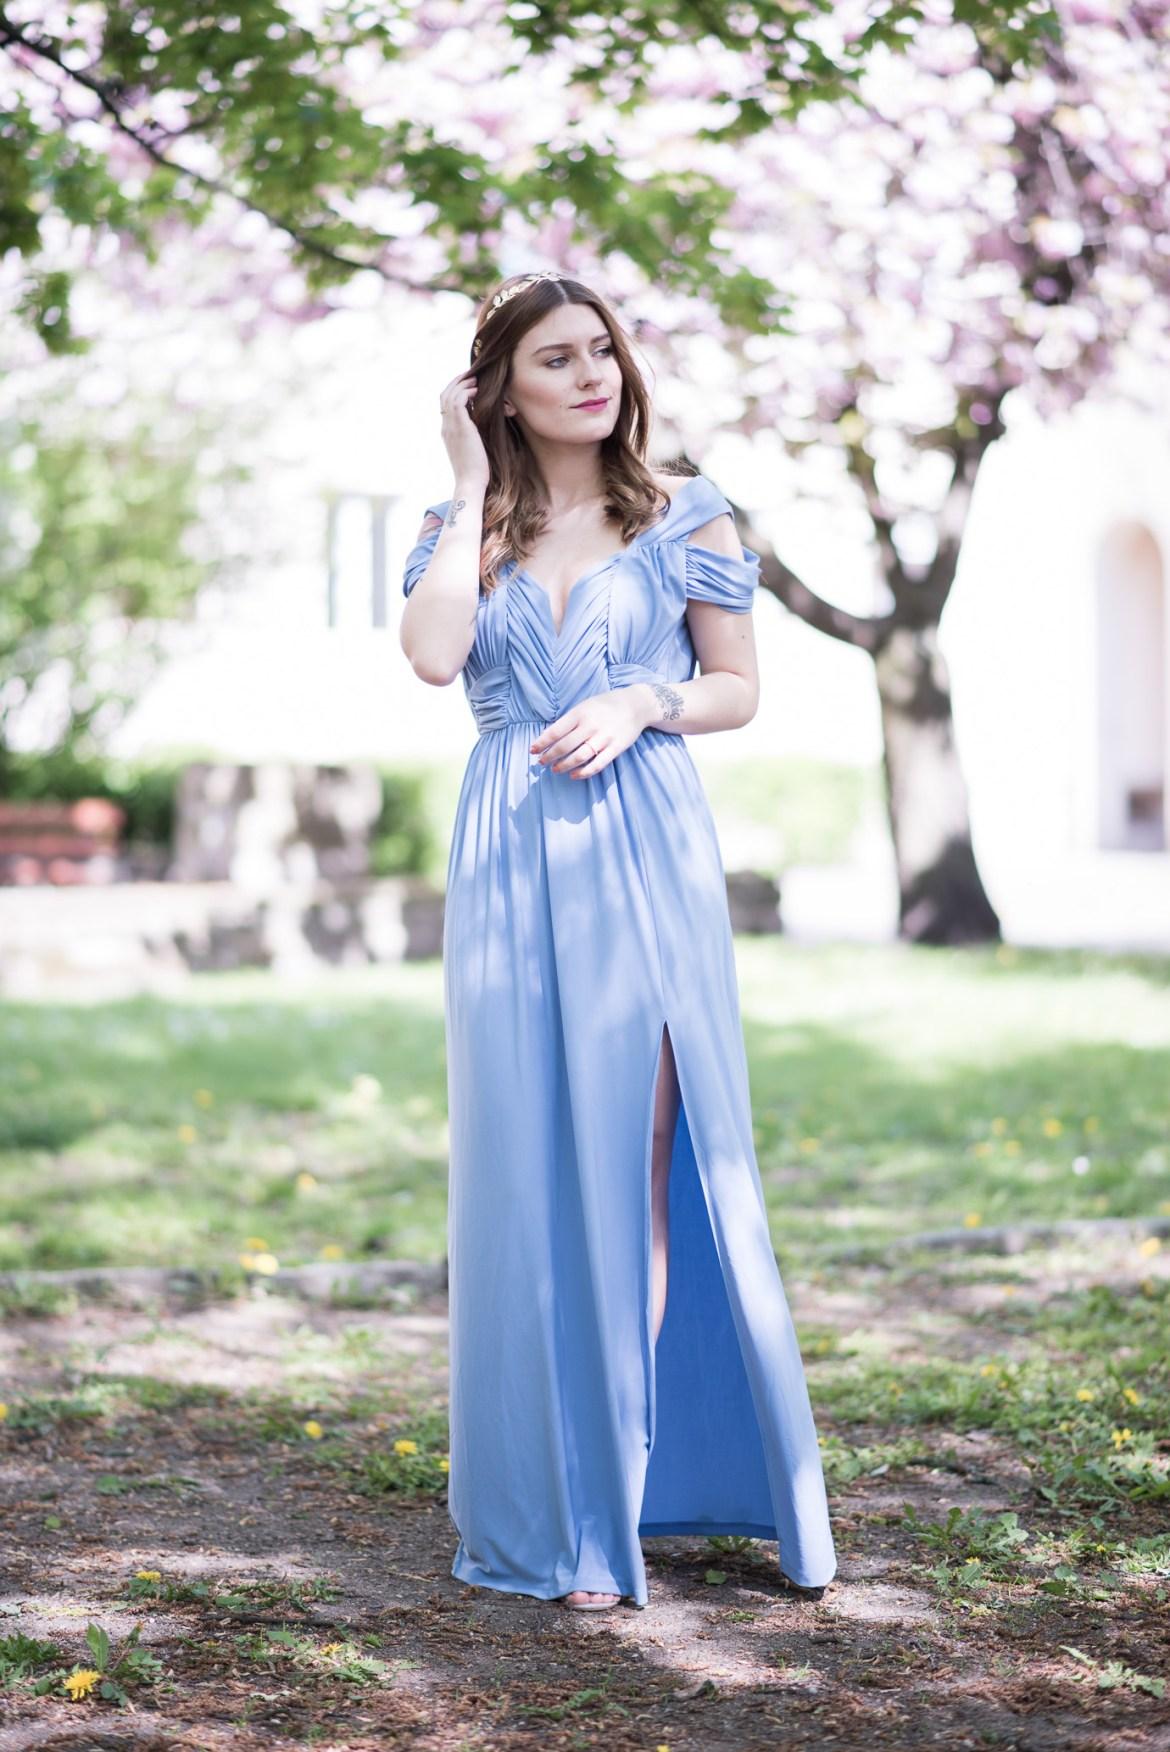 Bridemaid_Outfit_Idea_ASOS_Wedding_1